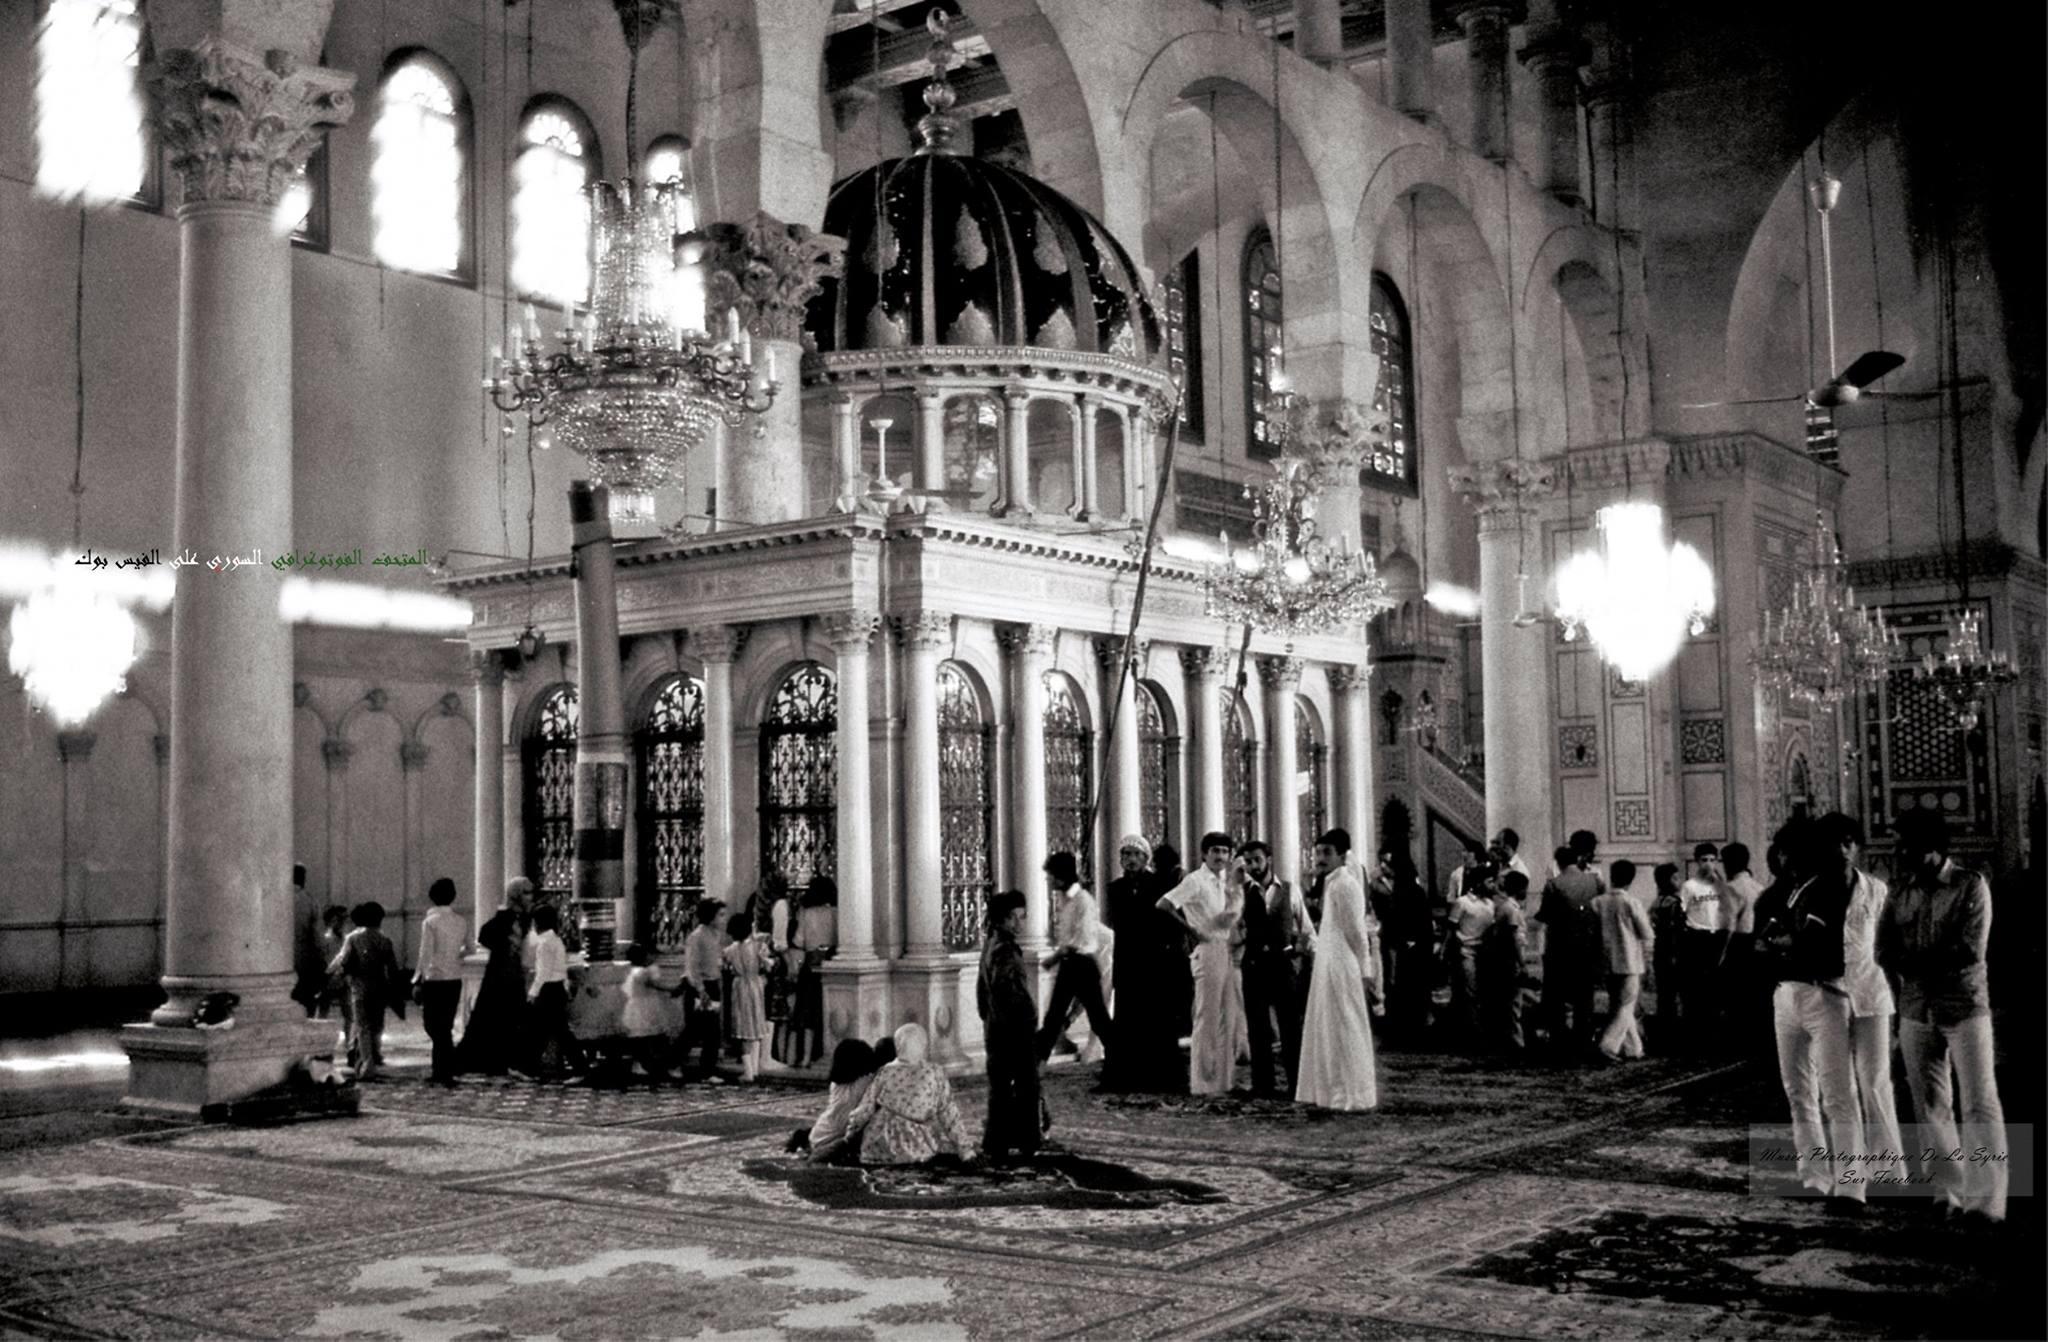 دمشق - المسجد الأموي 1980